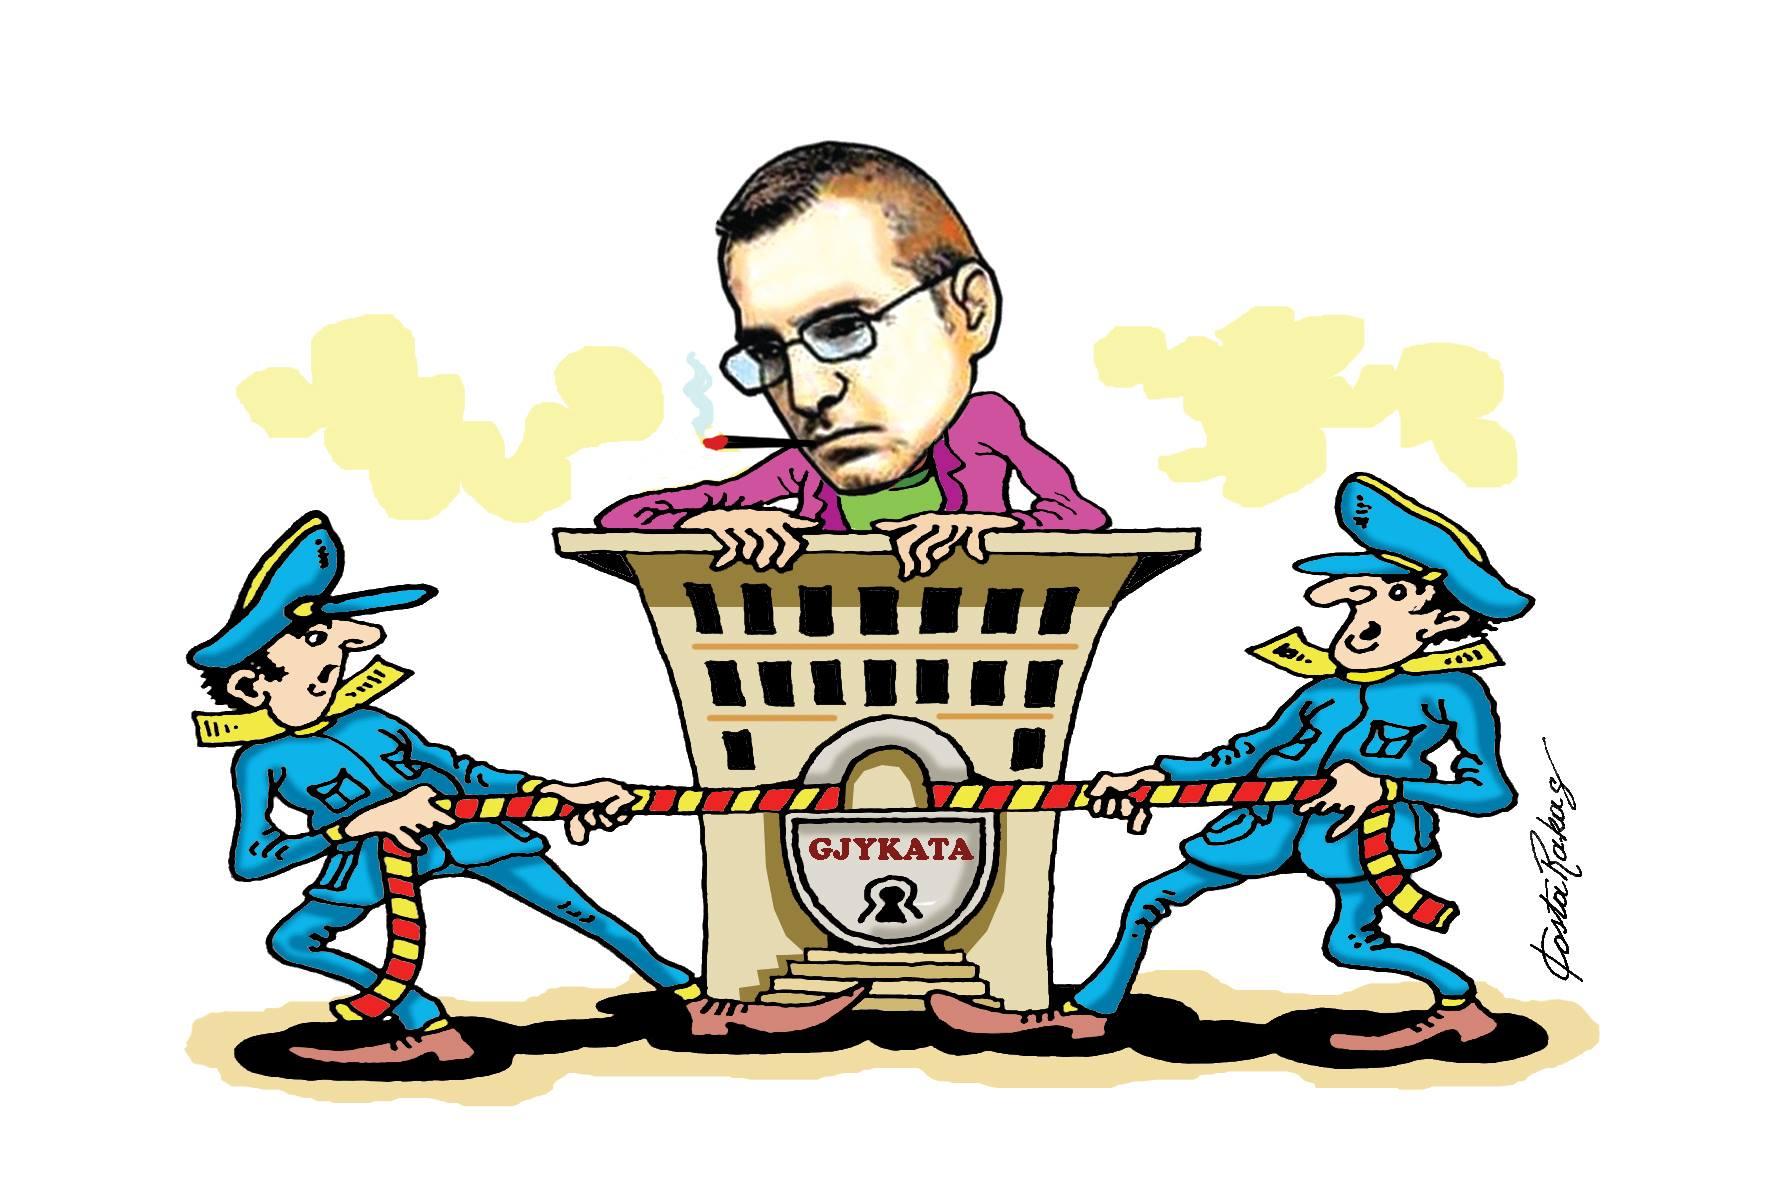 Karikatura e ditës në Albanian Free Press nga Kosta Raka (14 maj 2018)